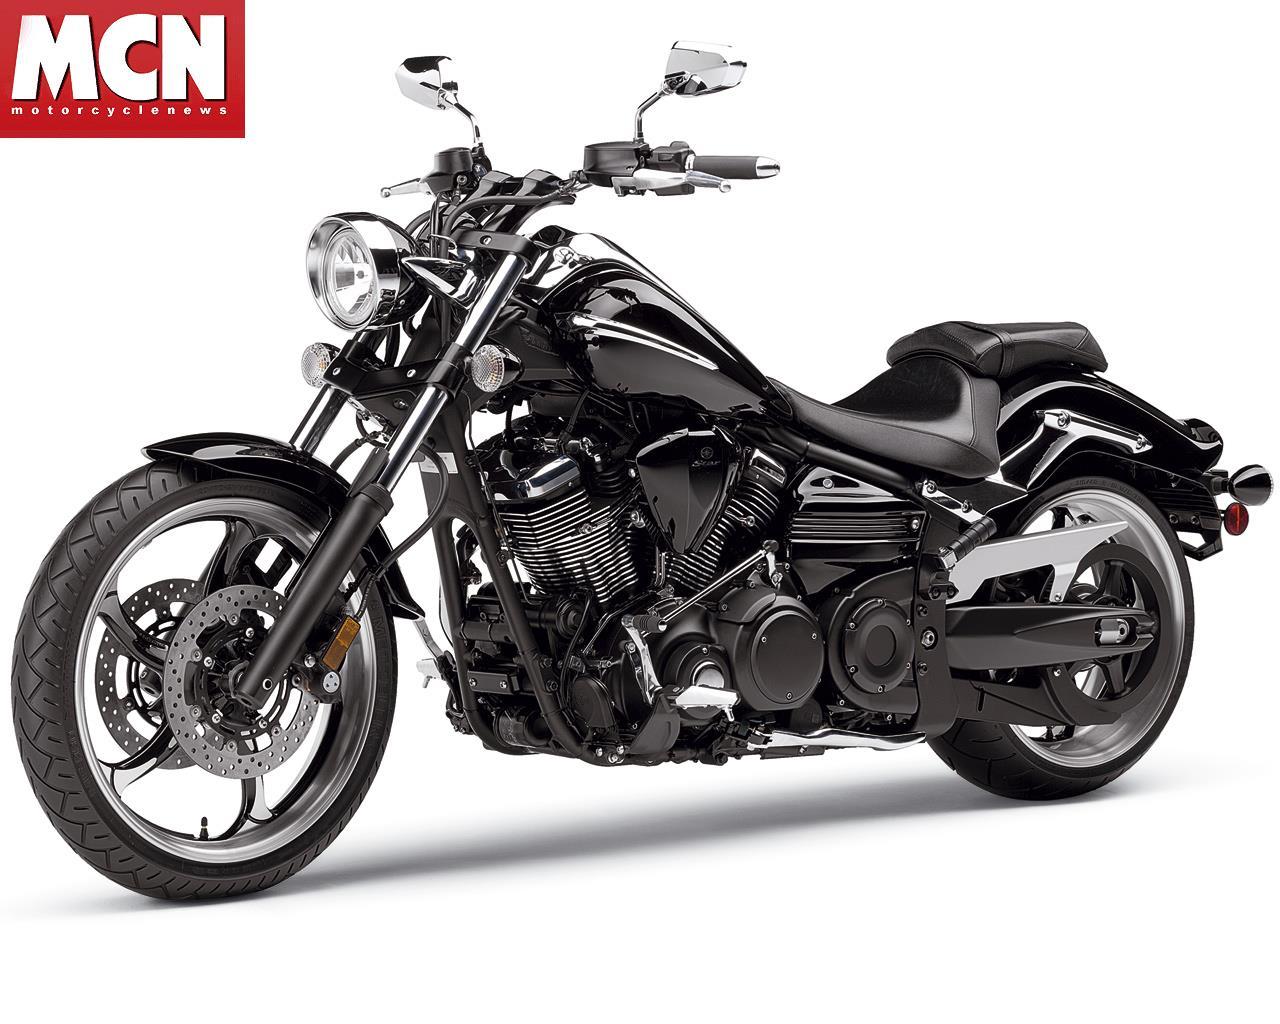 Yamaha Cruiser Motorcycle Reviews